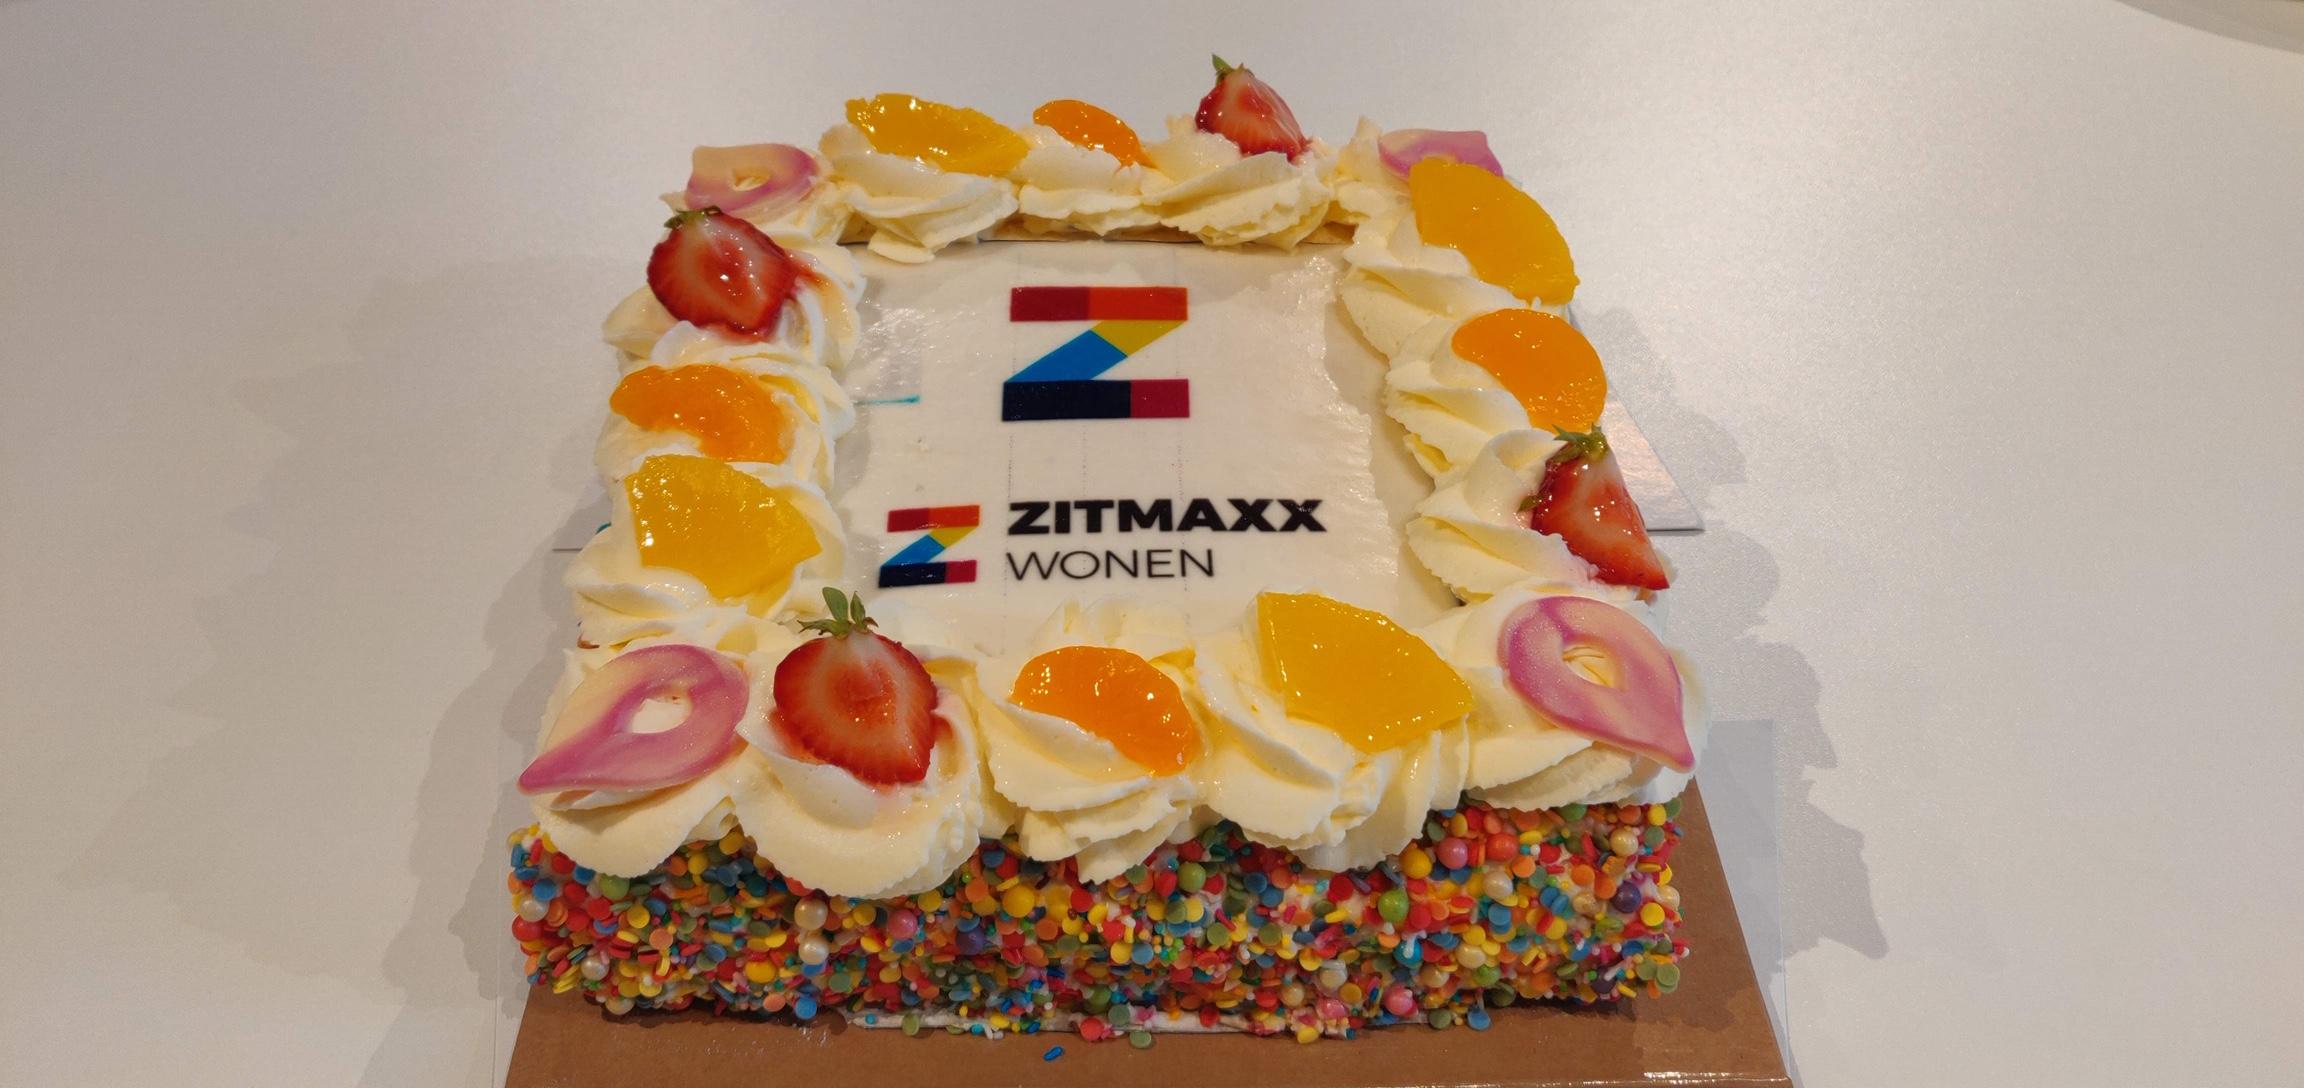 zitmaxx boekt tijdswinst in afspraken plannen